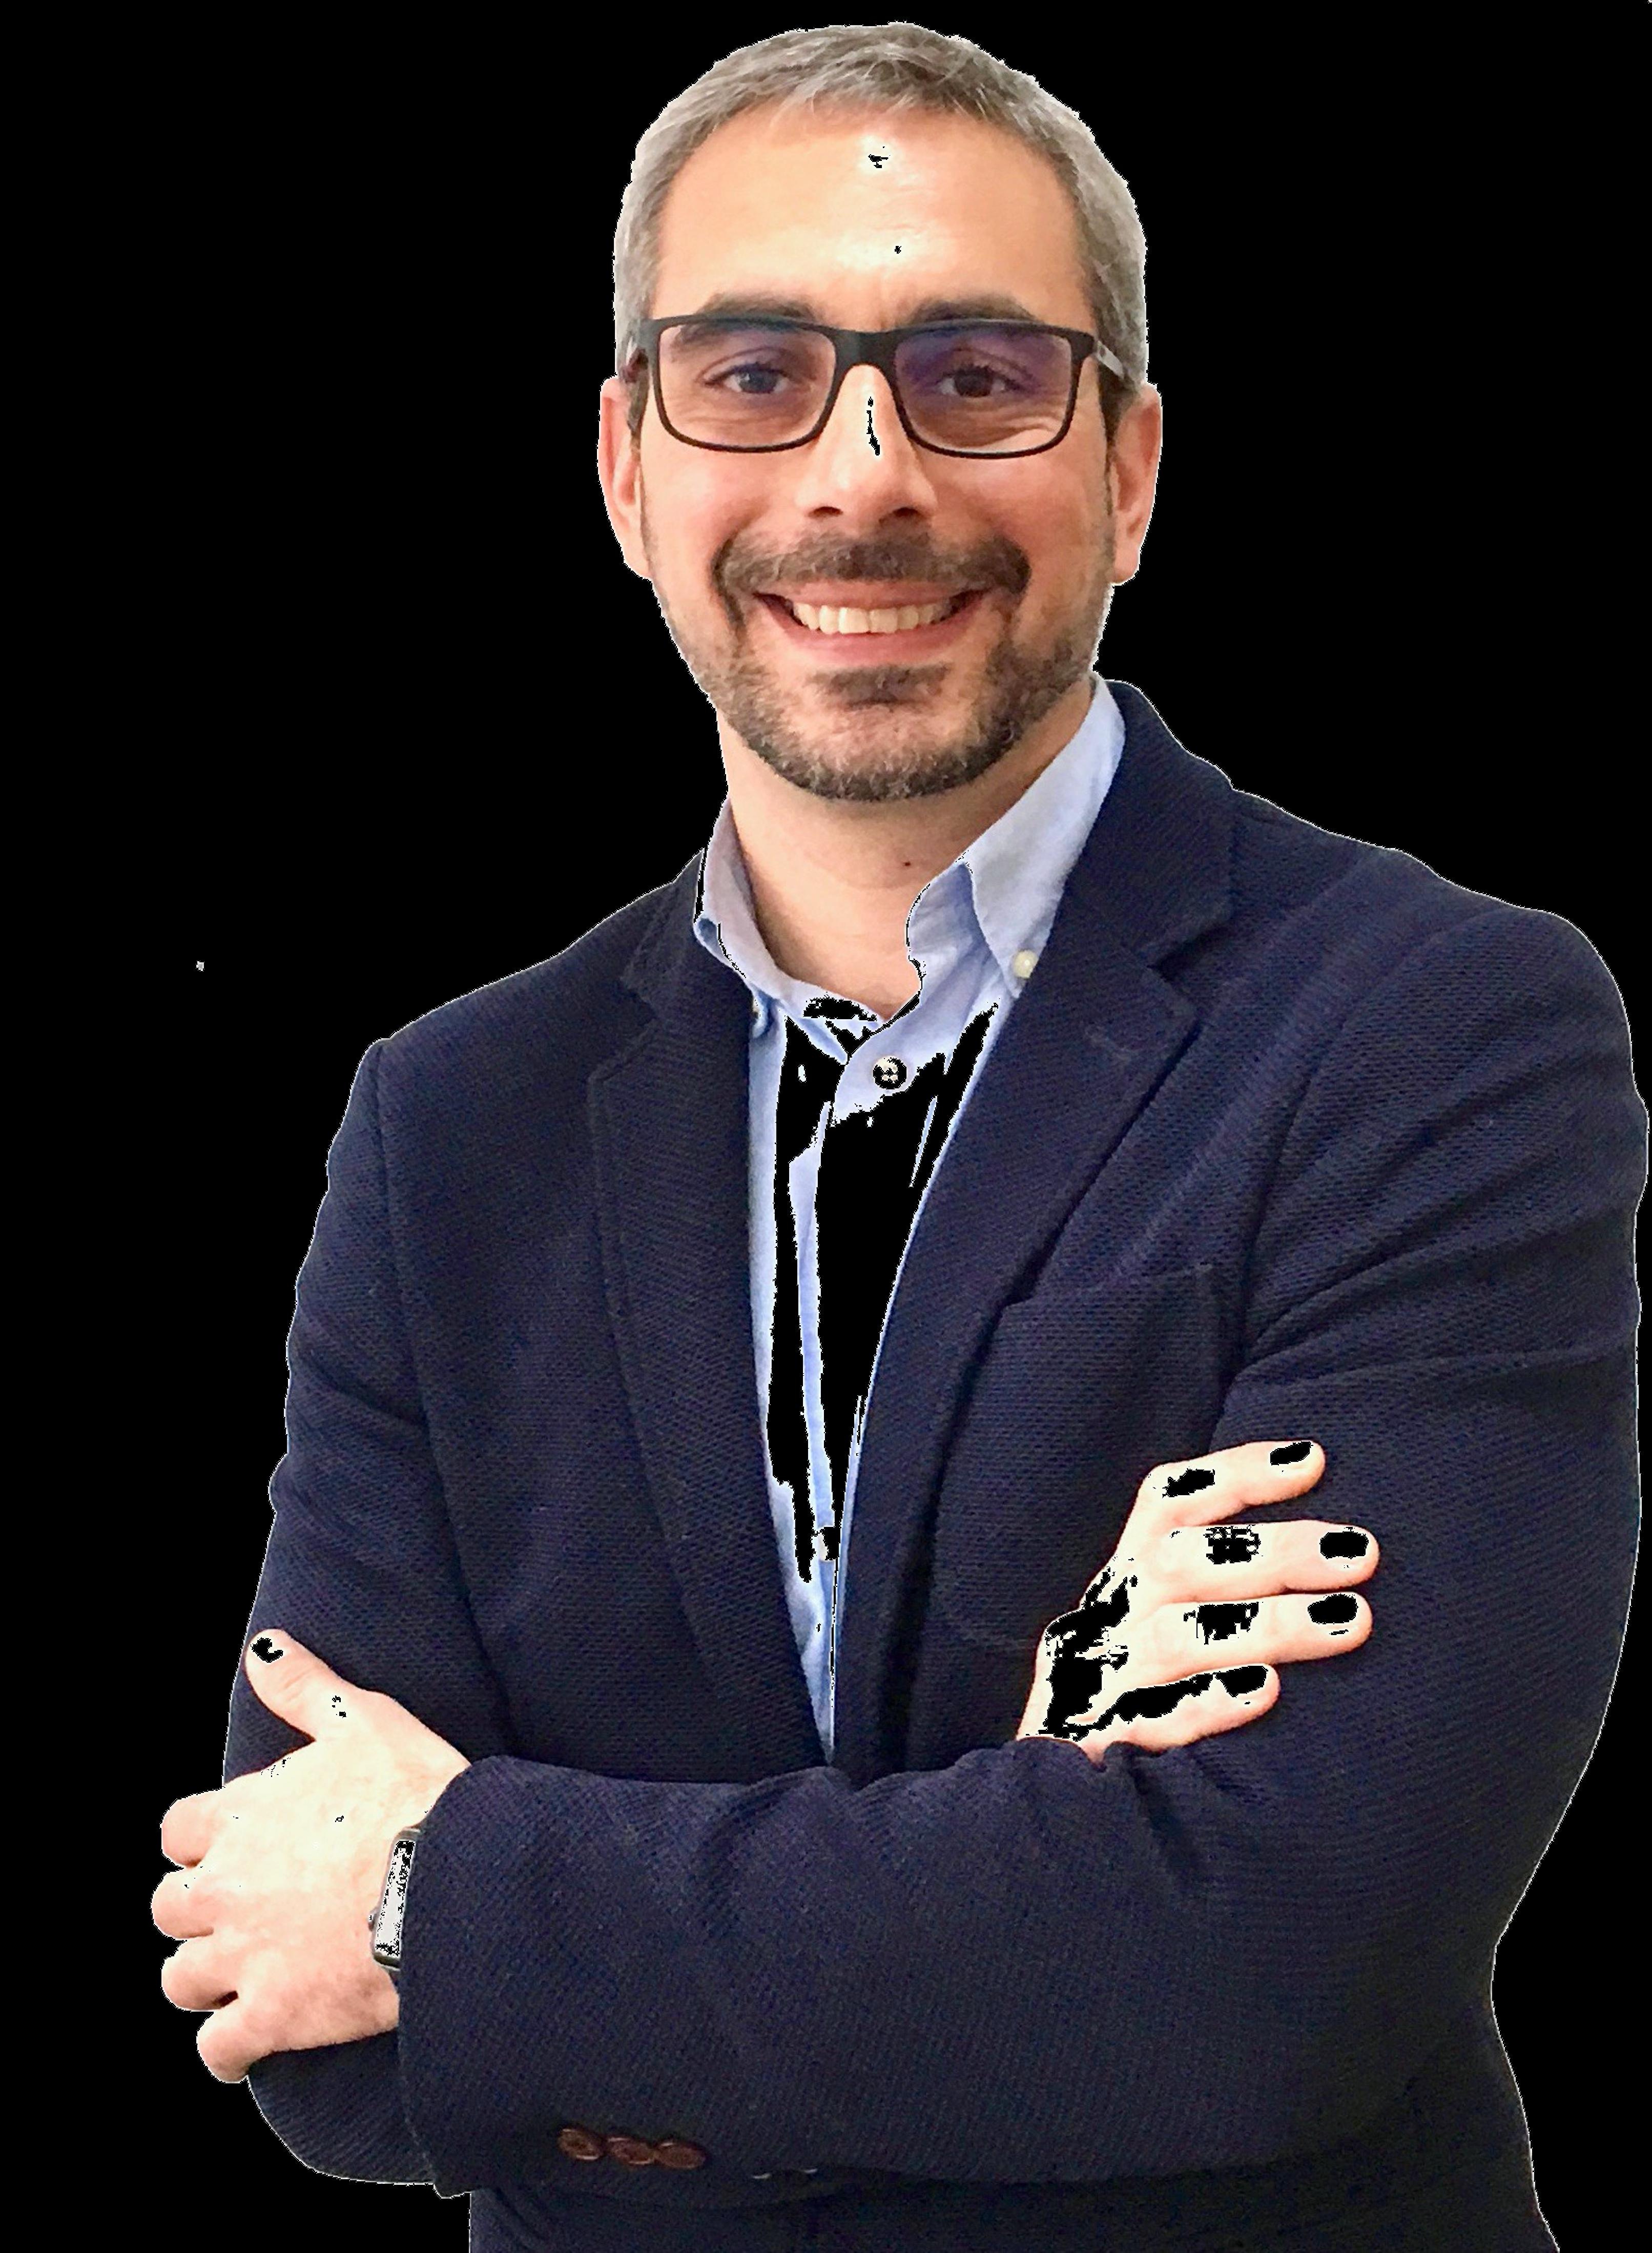 Joaquin Peña Siles, PhD